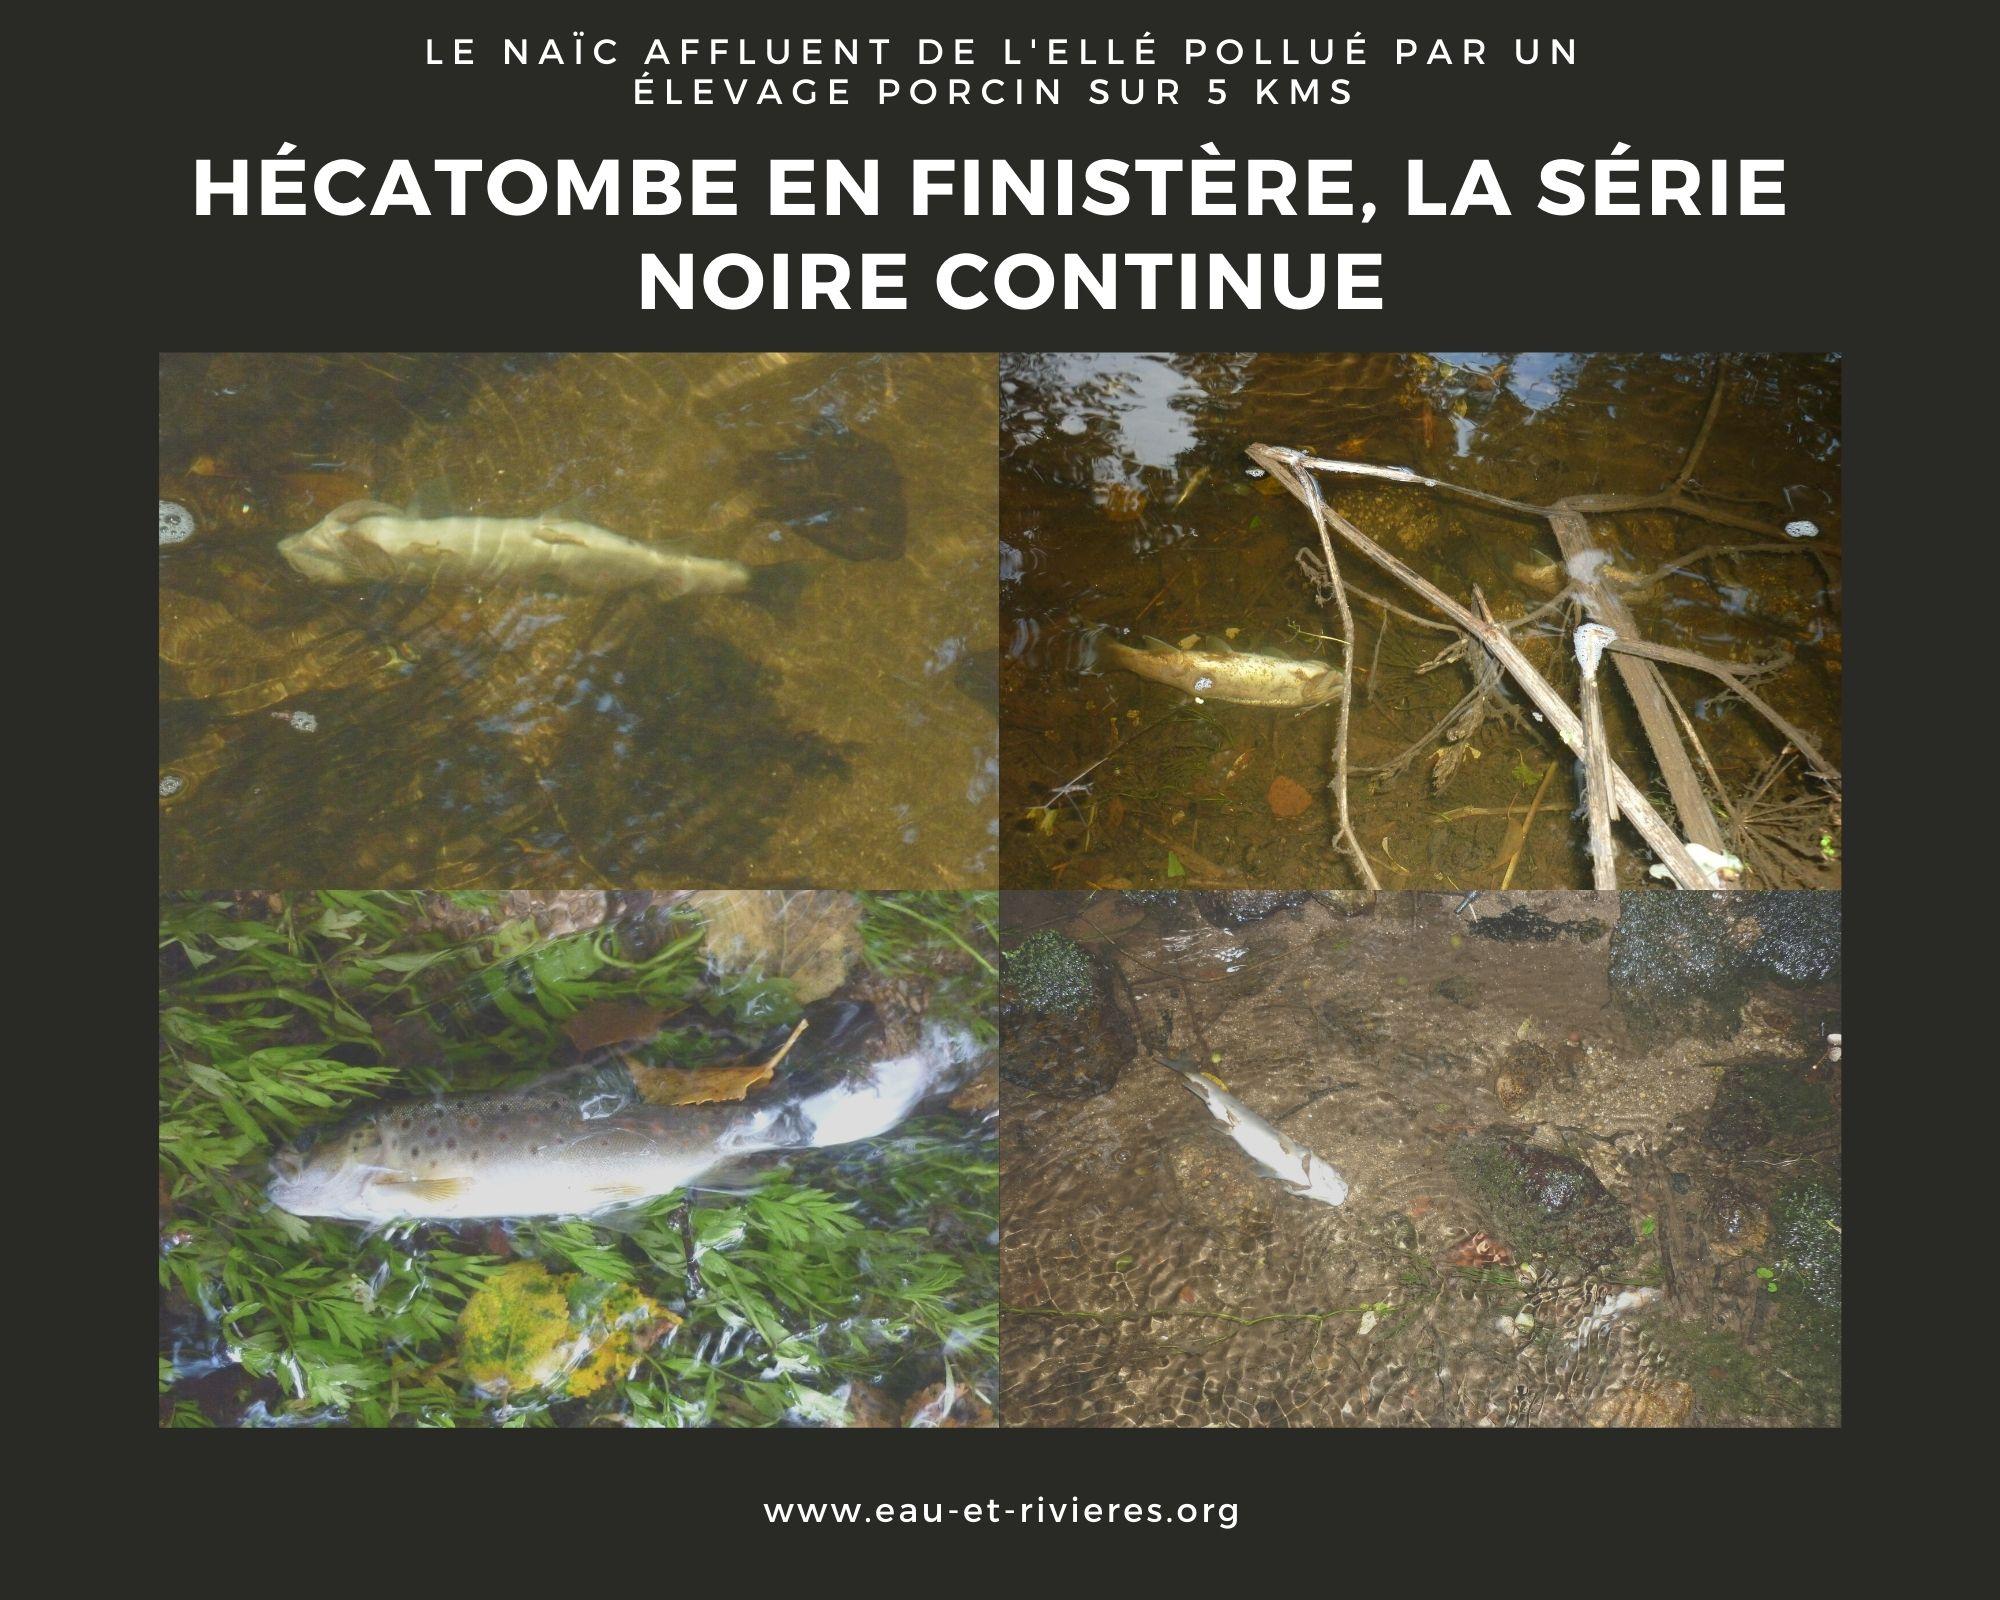 Pollution du Naïc, les rivières ne disent pas merci